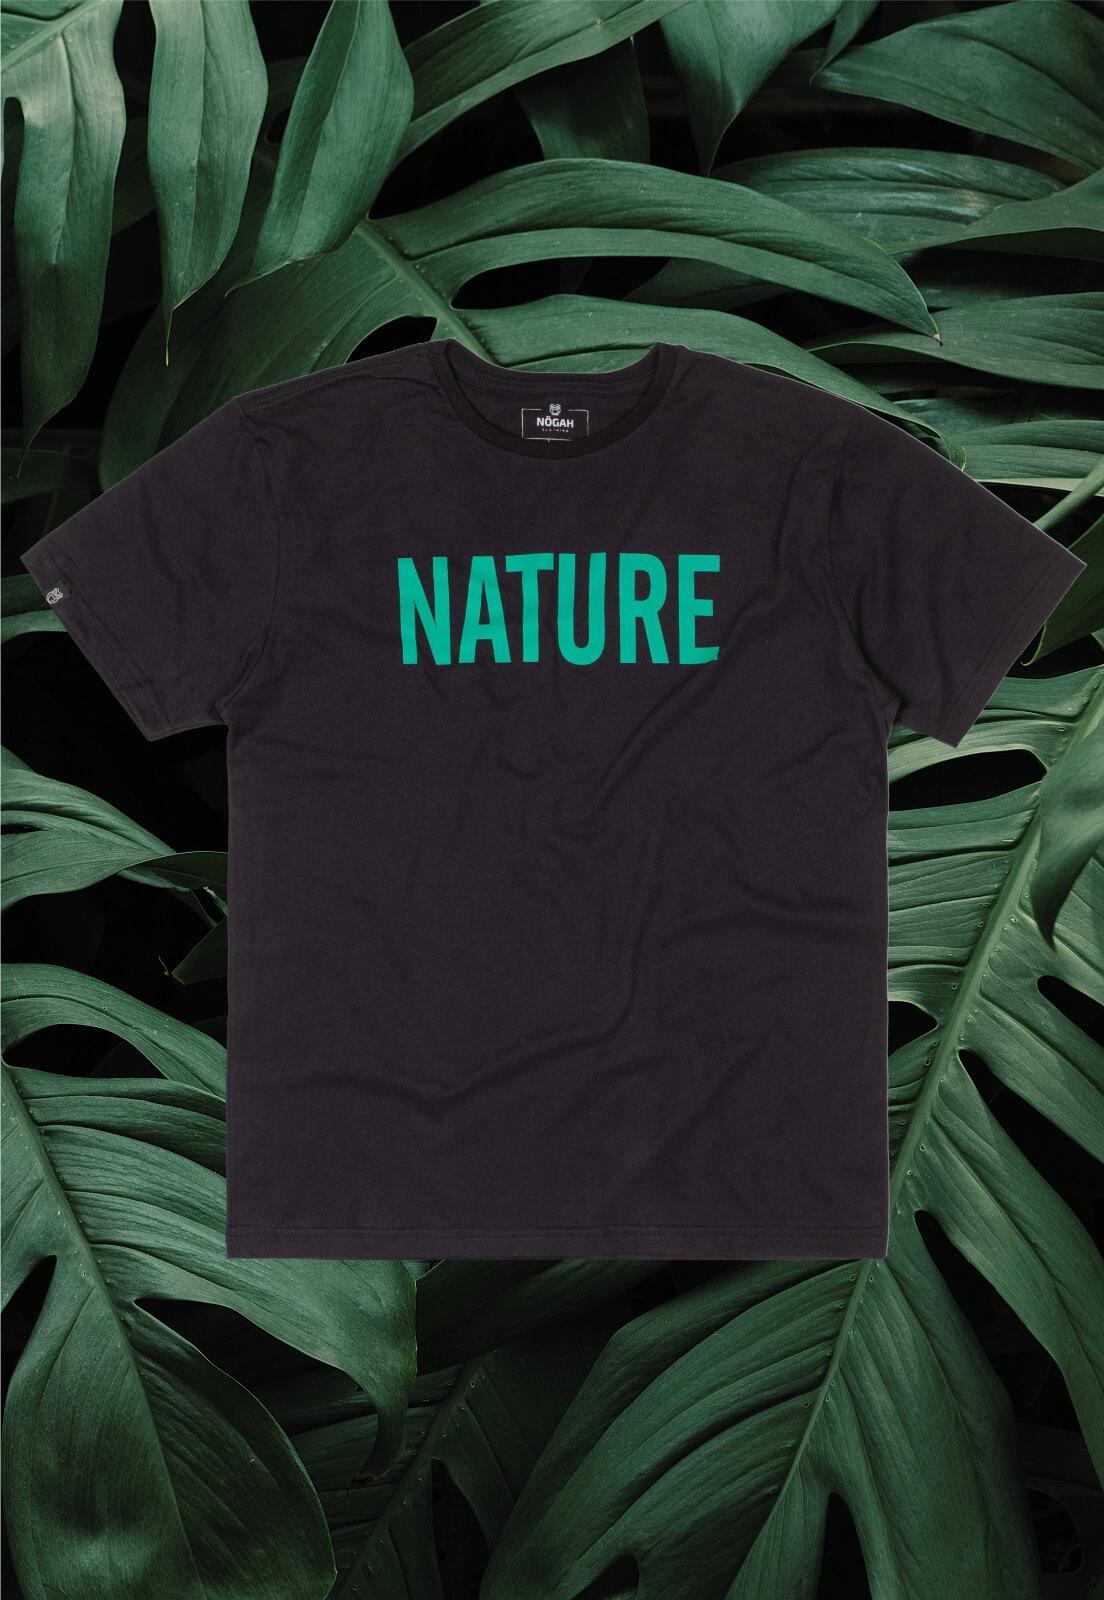 Camiseta Nogah Nature